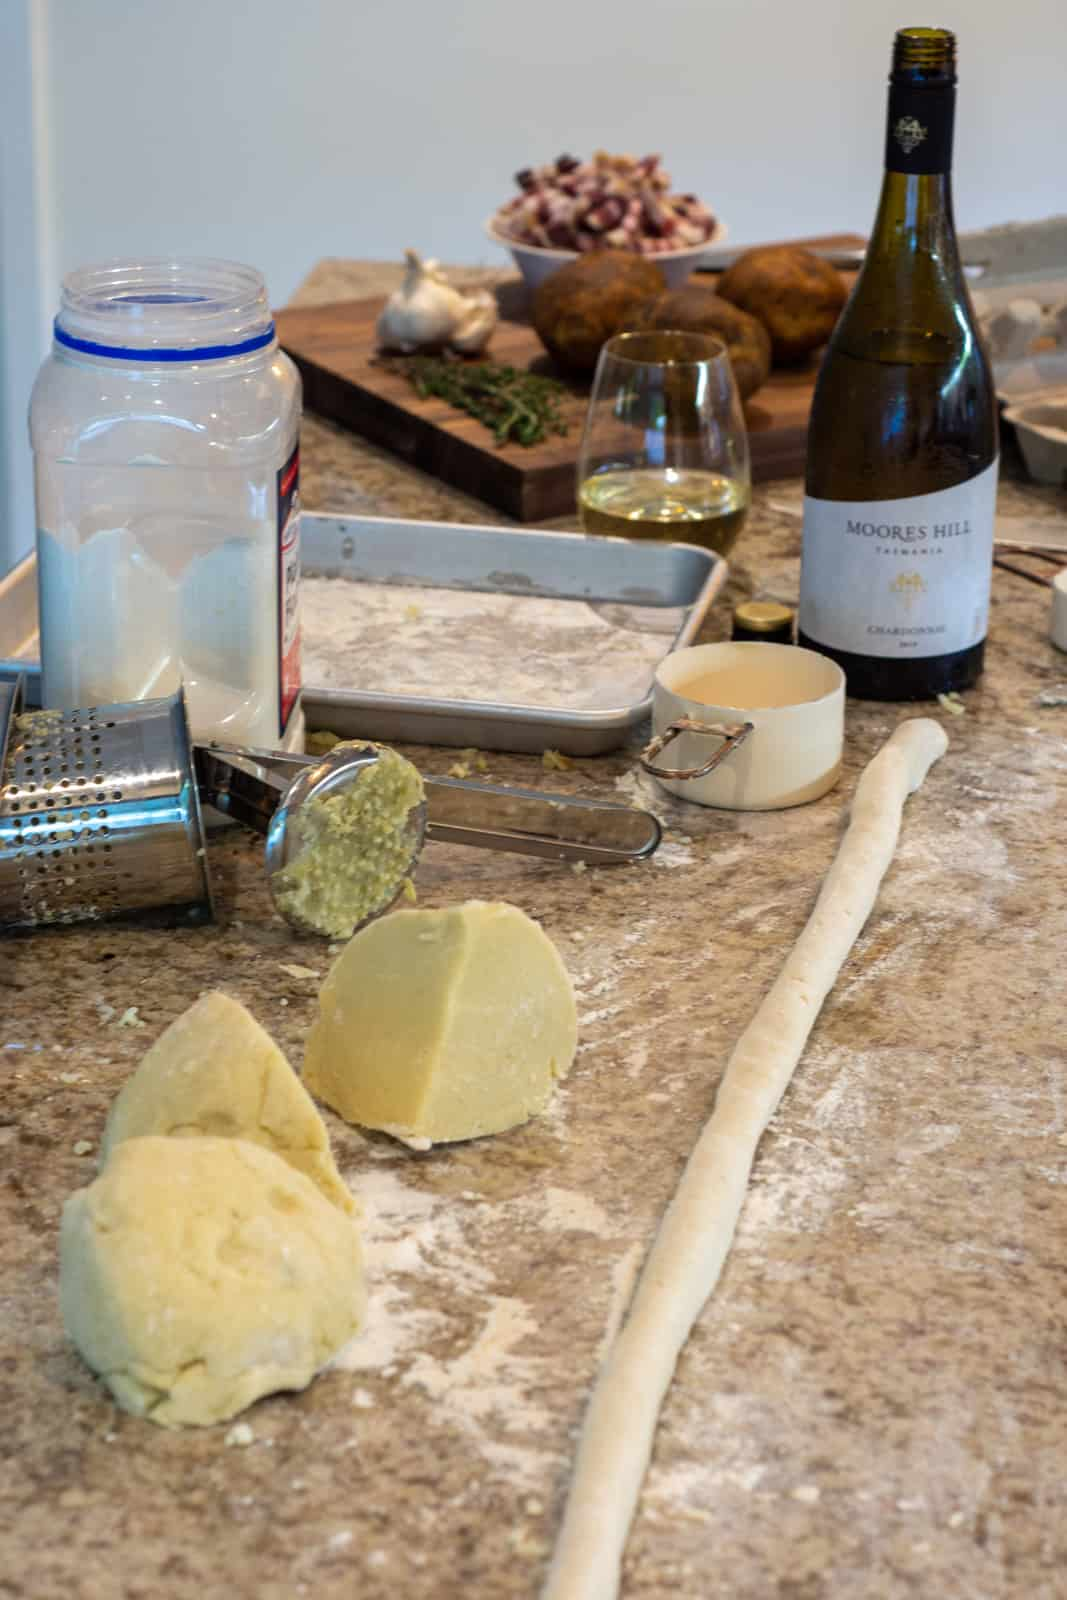 gnocchi being rolled on a kitchen worktop